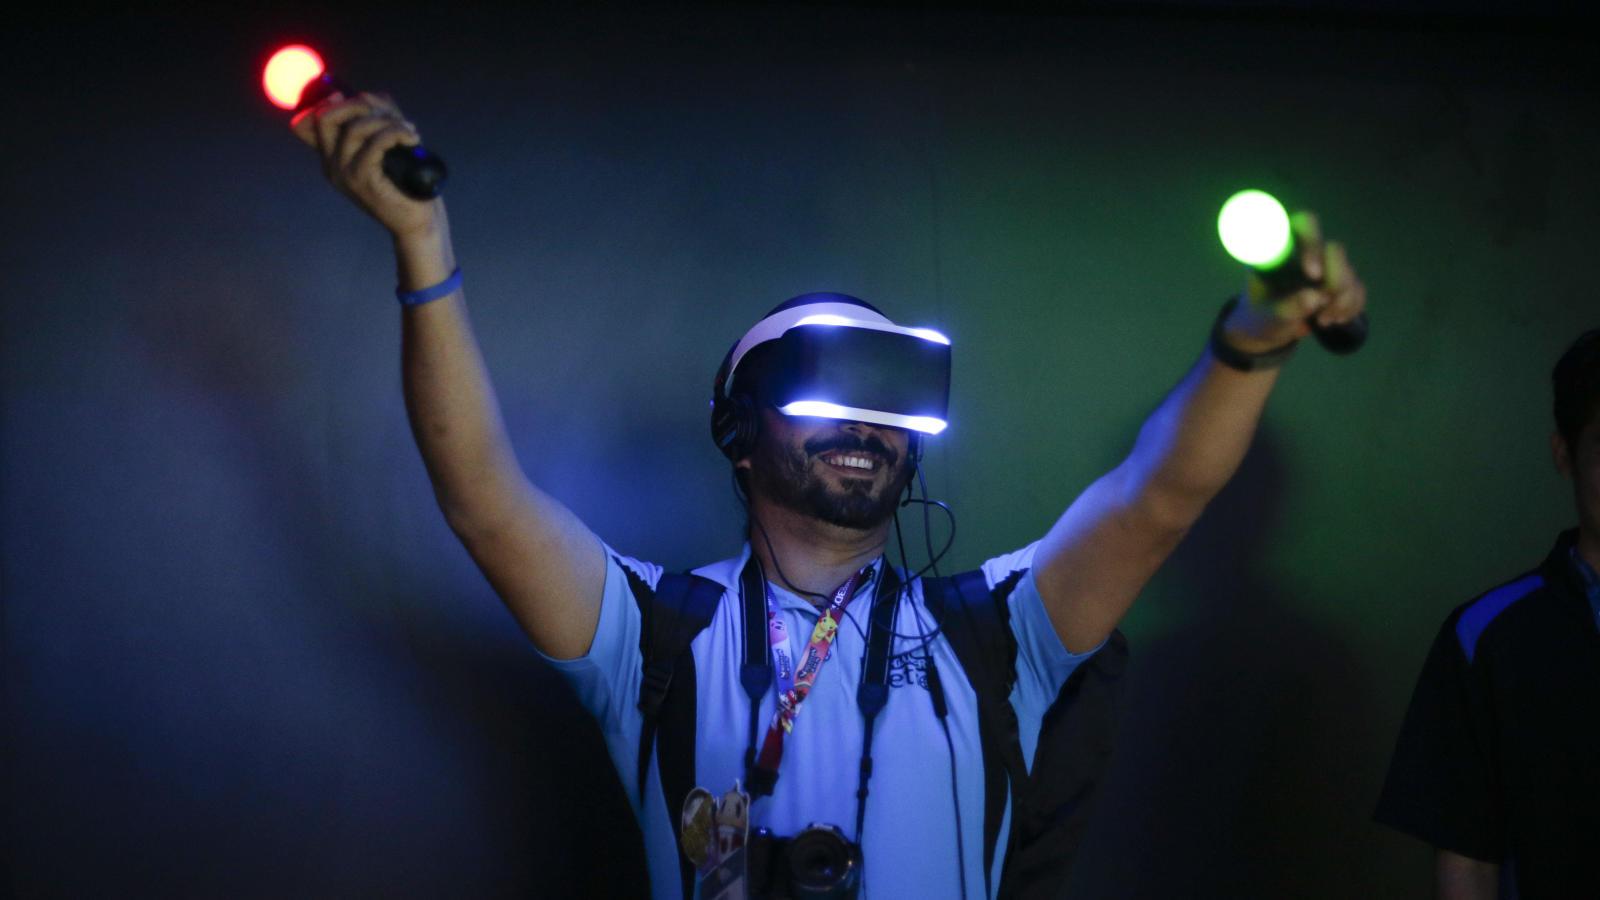 realidad-virtual-la-inminente-revolucion-parece-que-ahora-si-del-videojuego